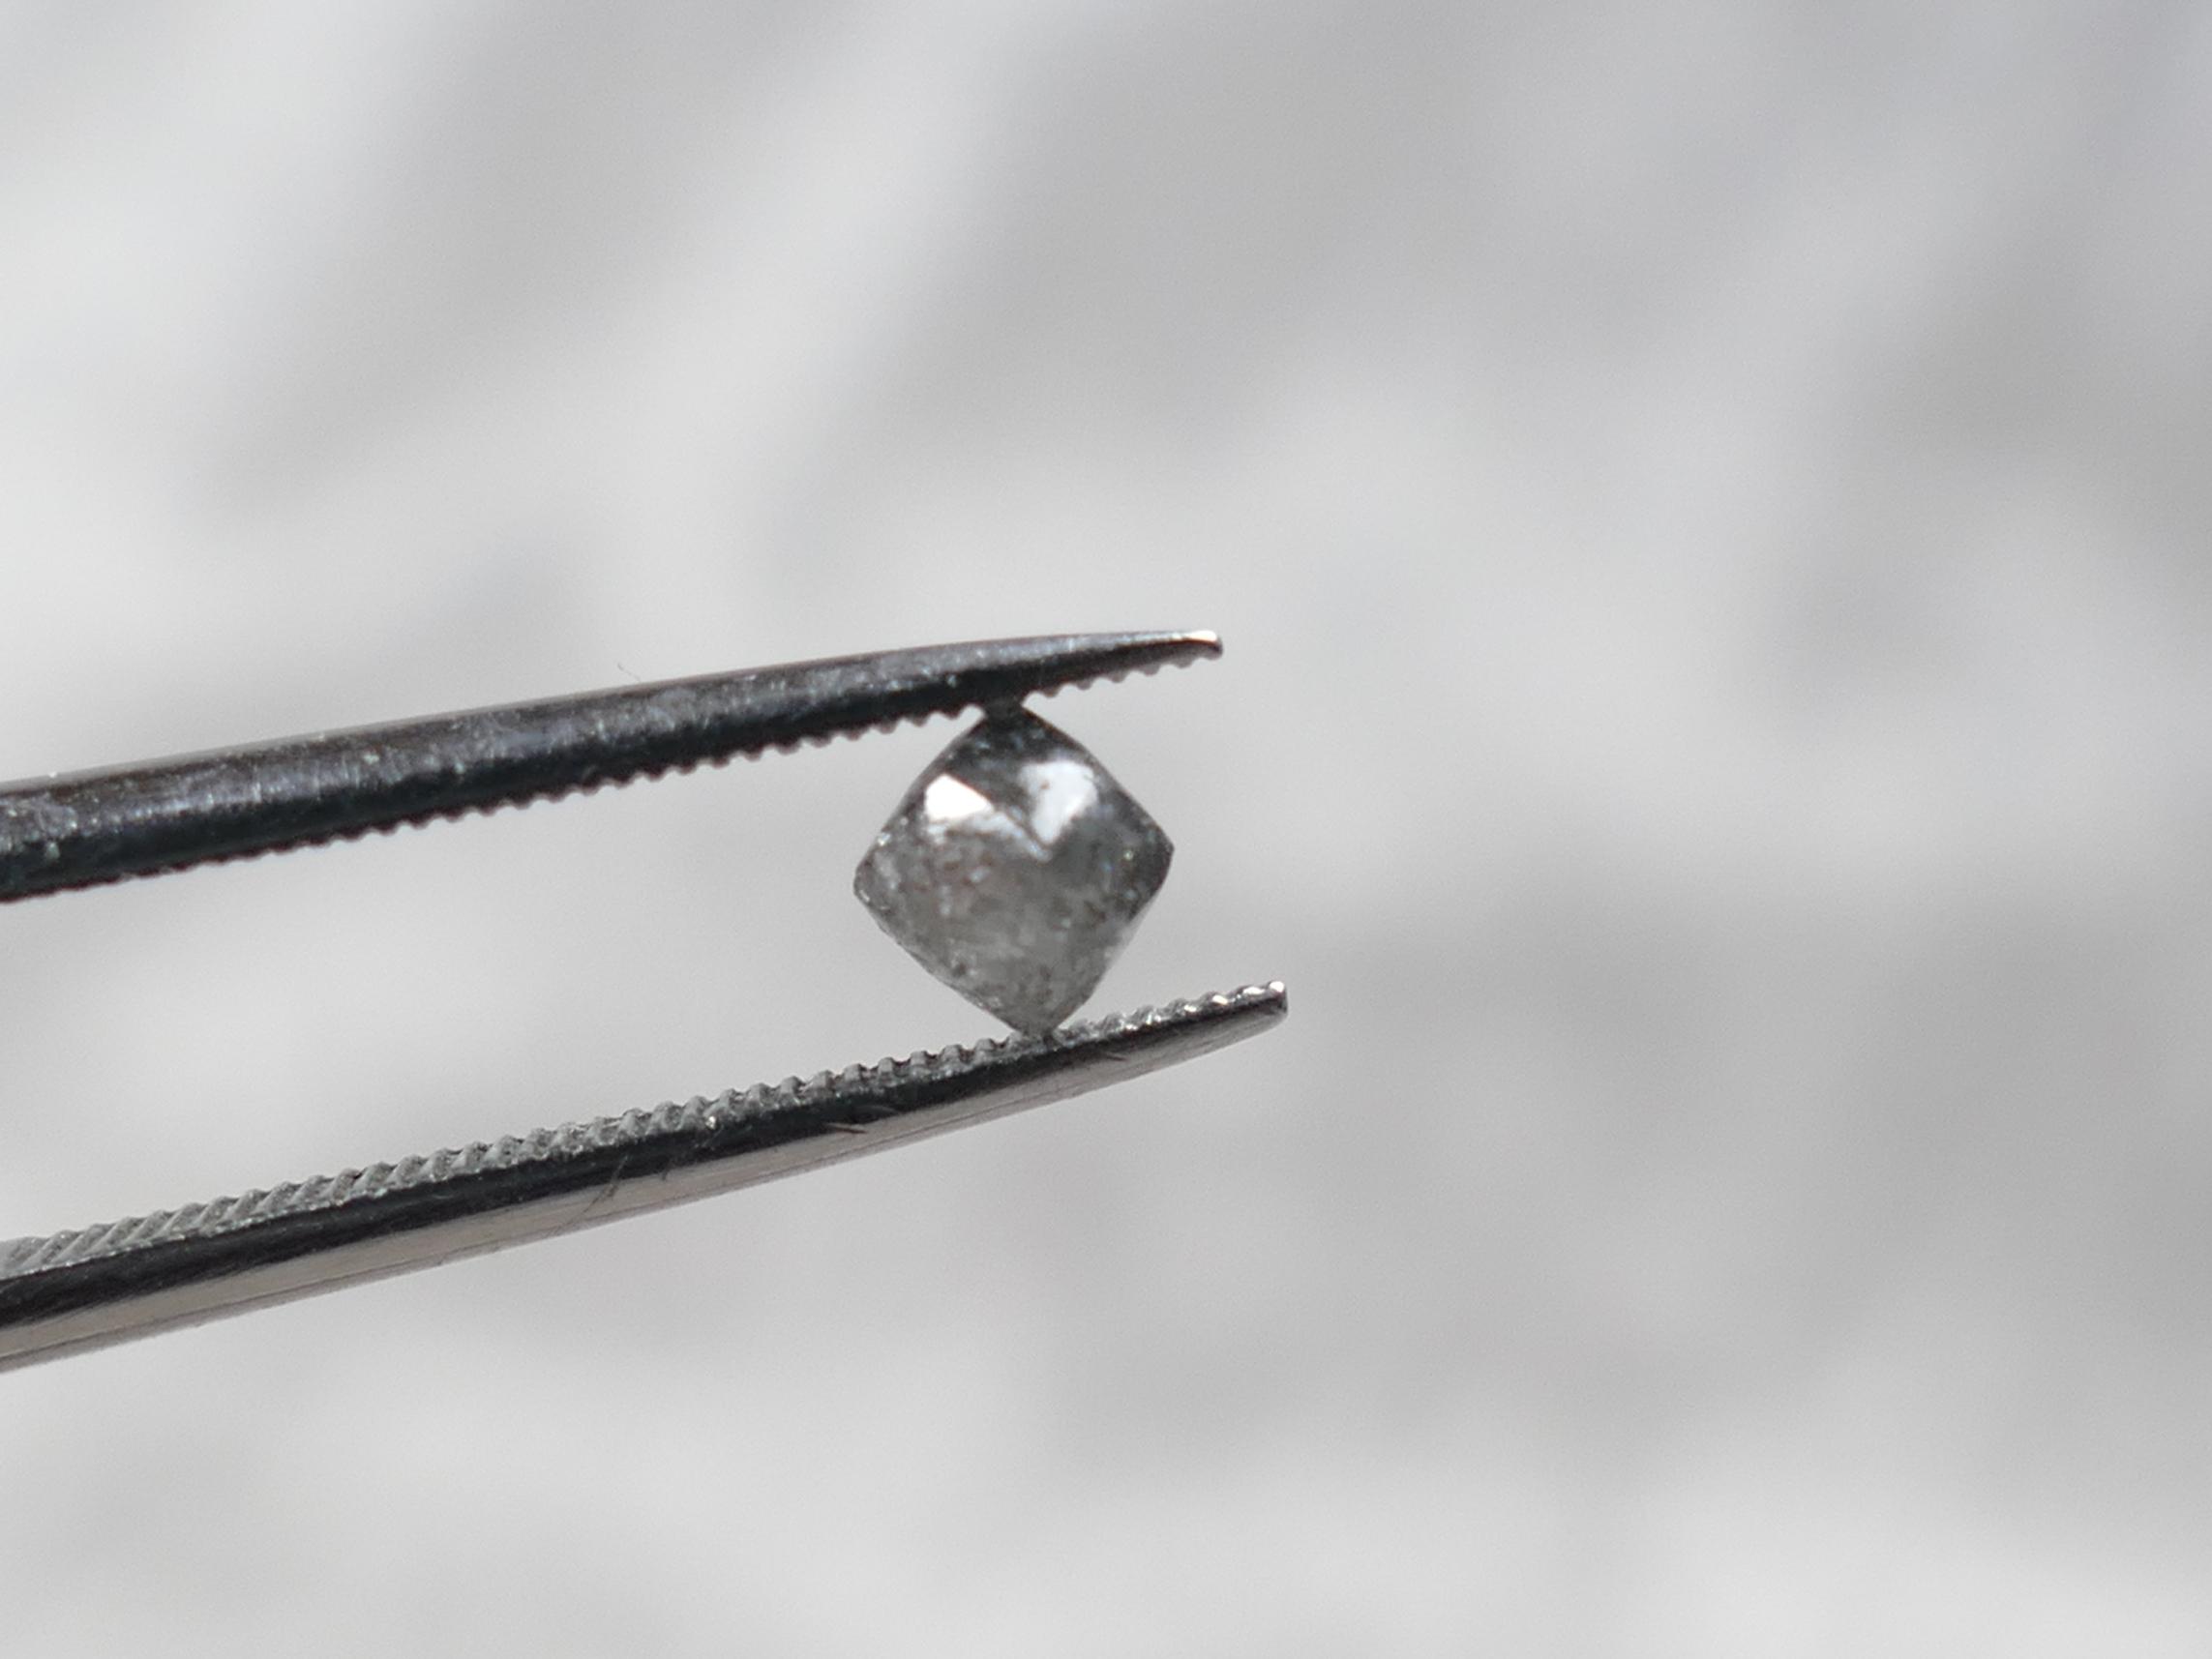 3.8mm 0.38 carat Diamant brut naturel gris poivre et sel pépite forme naturelle octaèdre (#PM583)